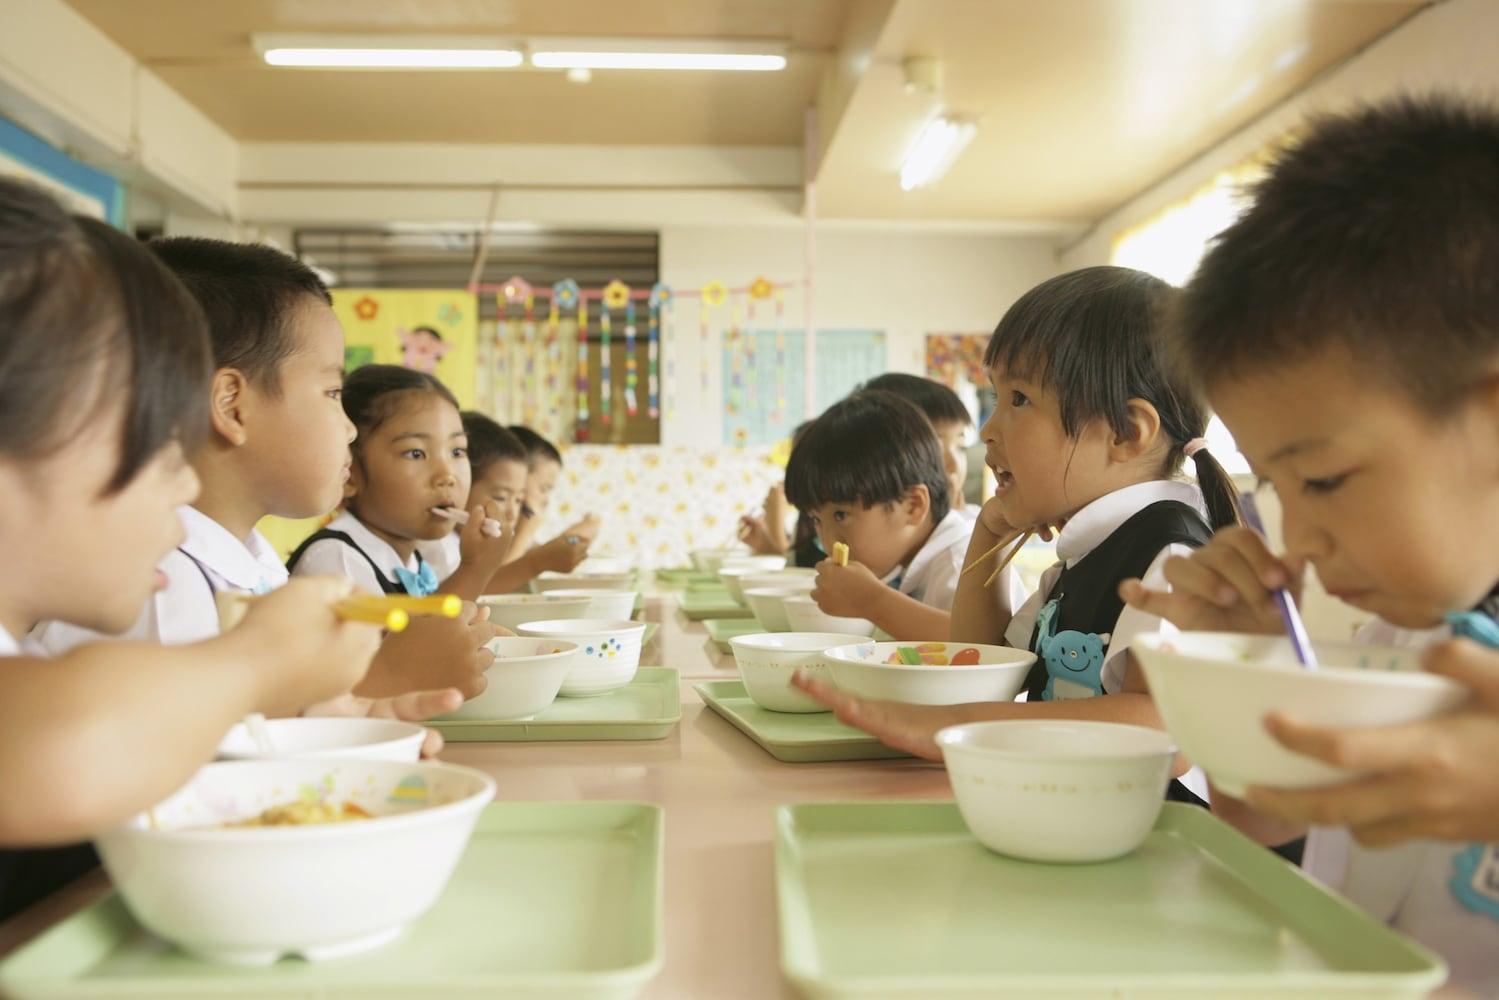 幼稚園の給食